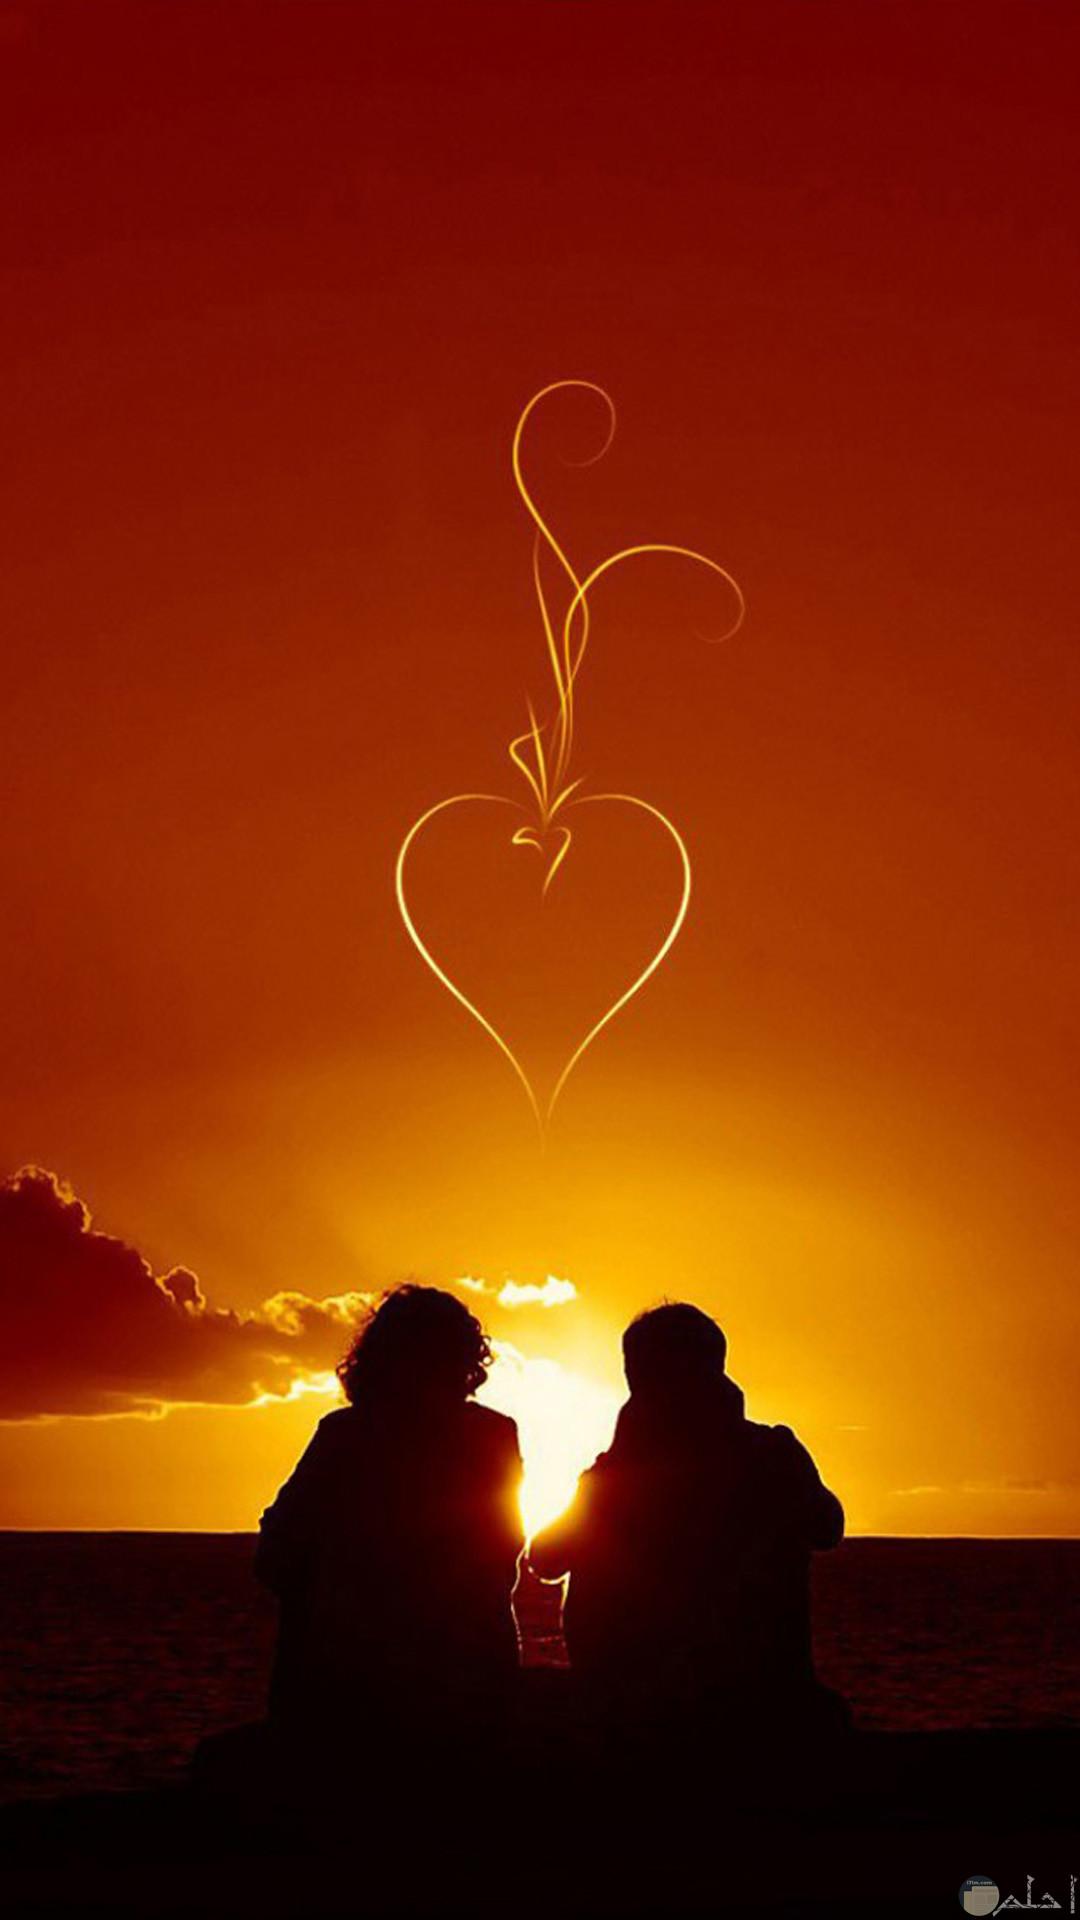 من اجمل الصور الشخصية الرومانسية للواتس